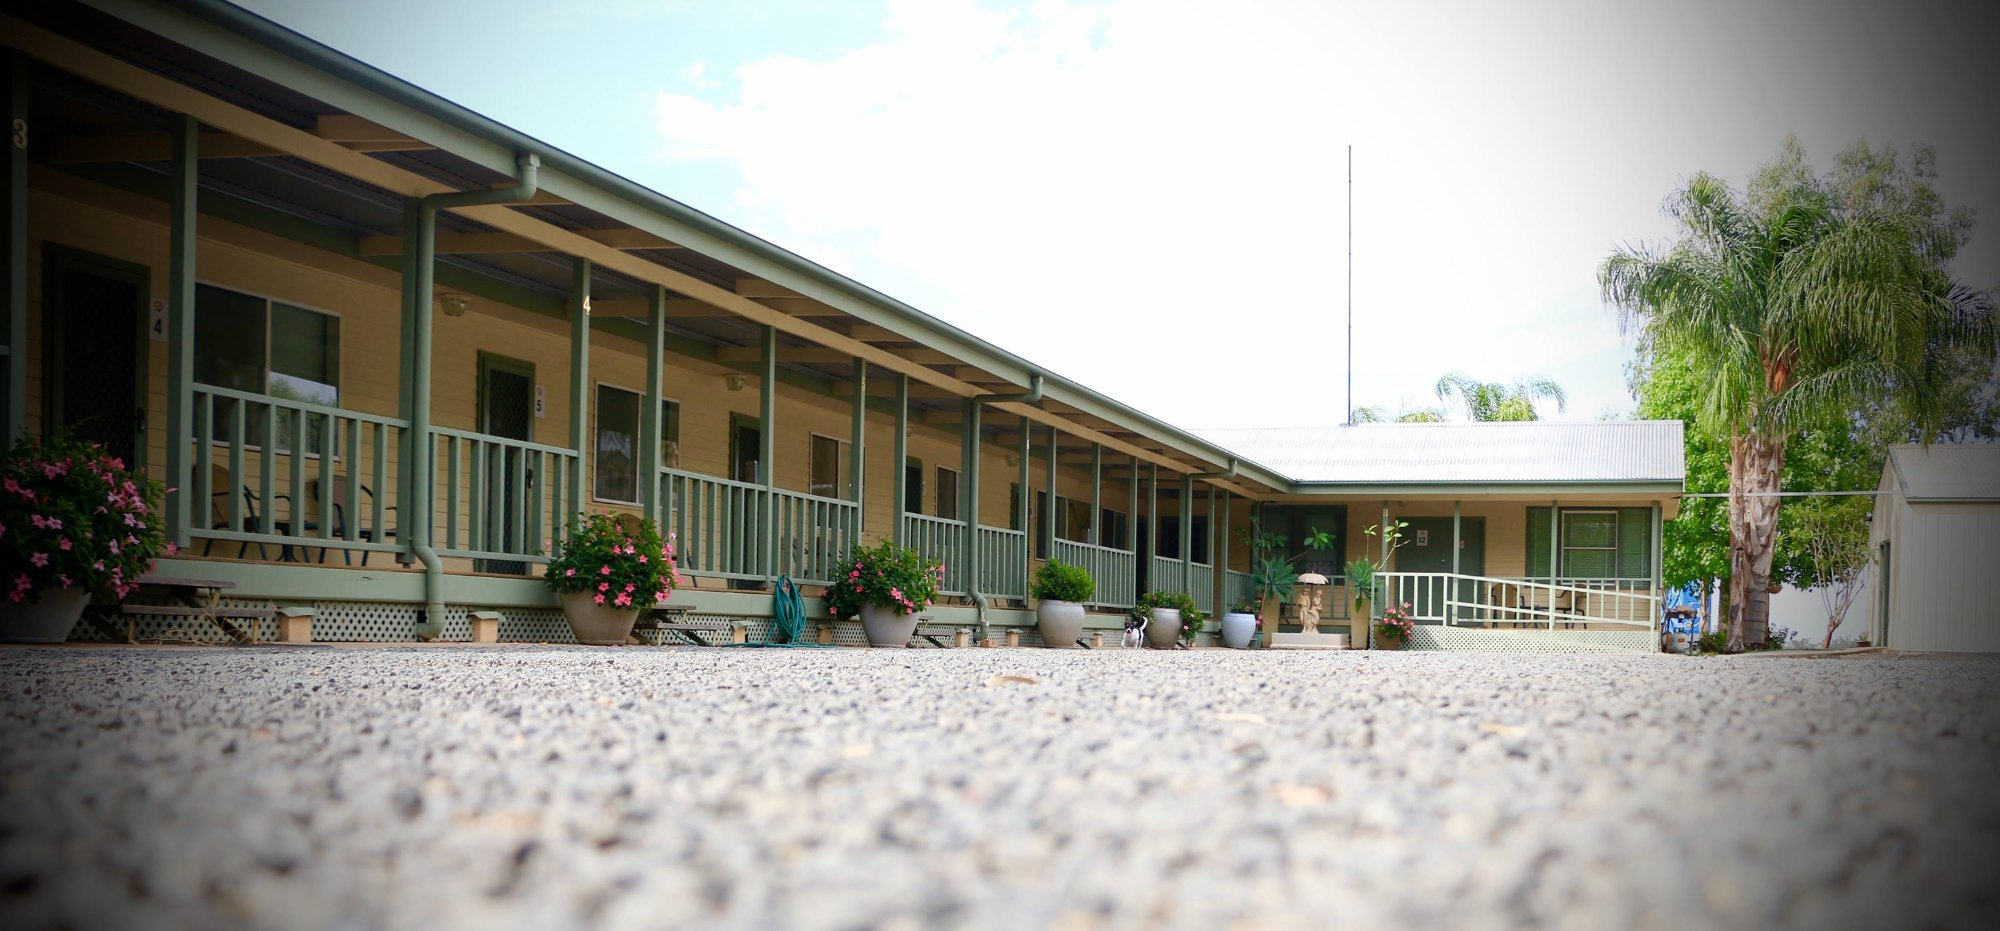 BackO'Bourke Motel